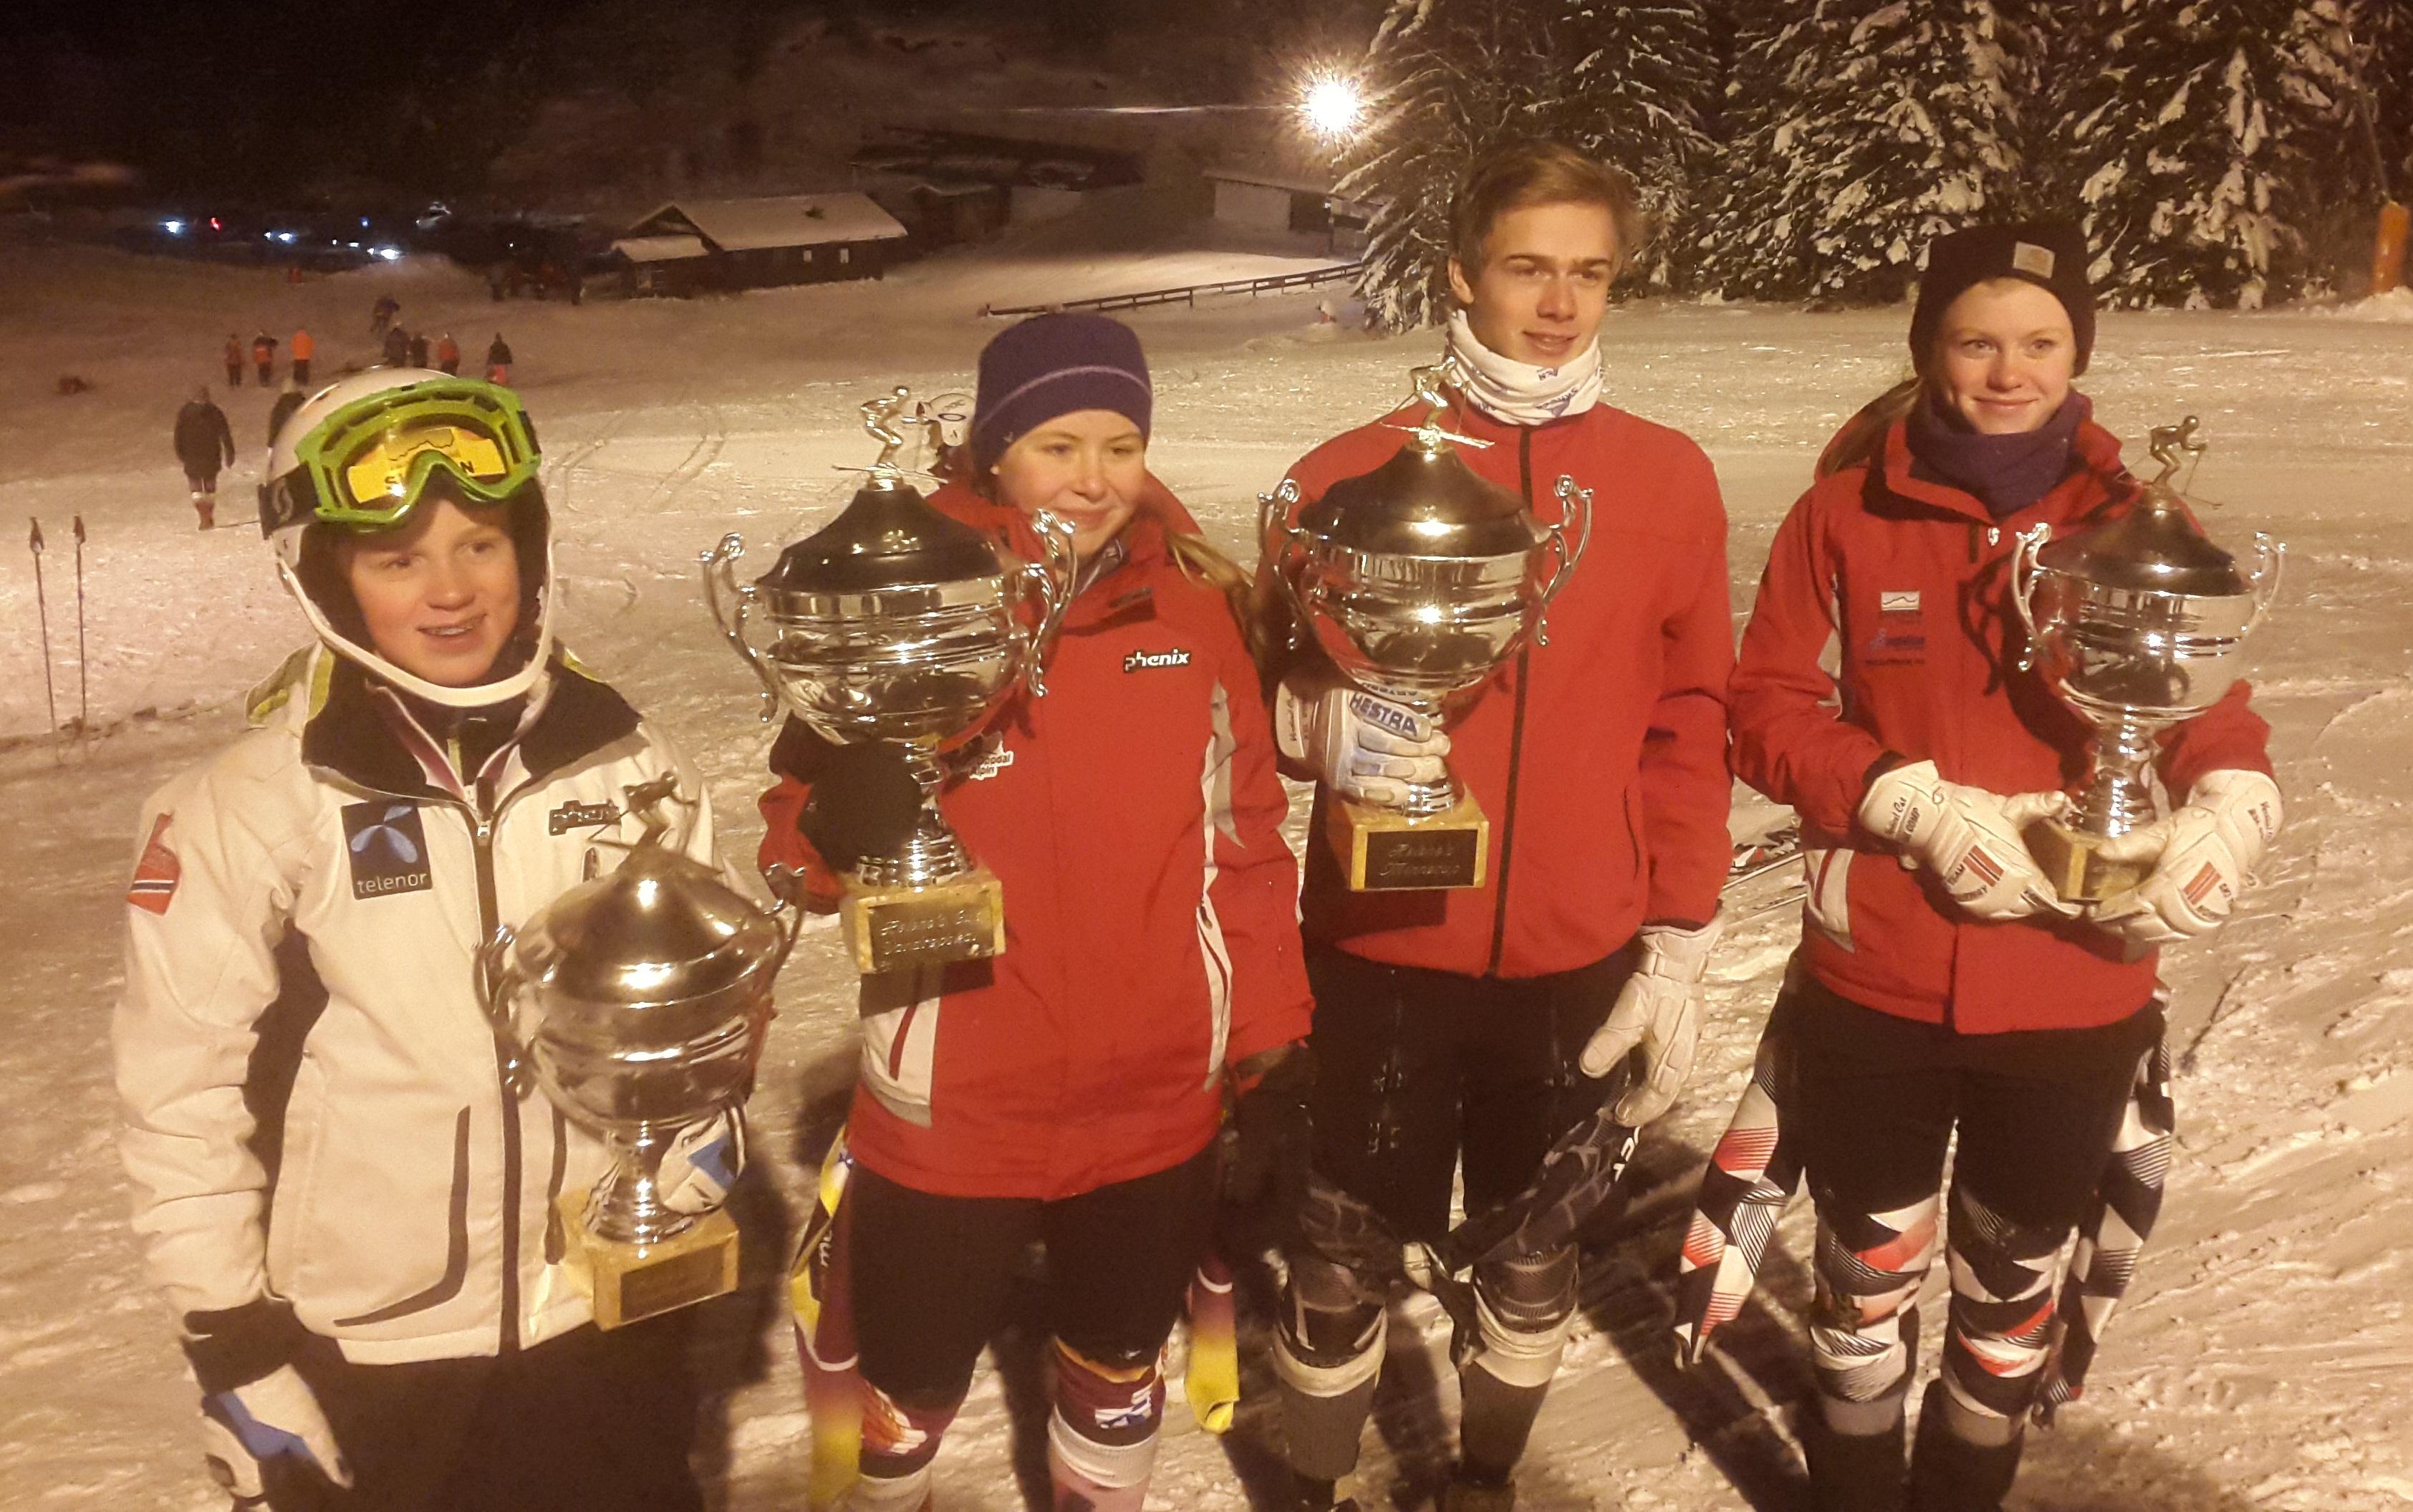 Fjorårets vinner av Helenes vandrepokal i U14 og U16